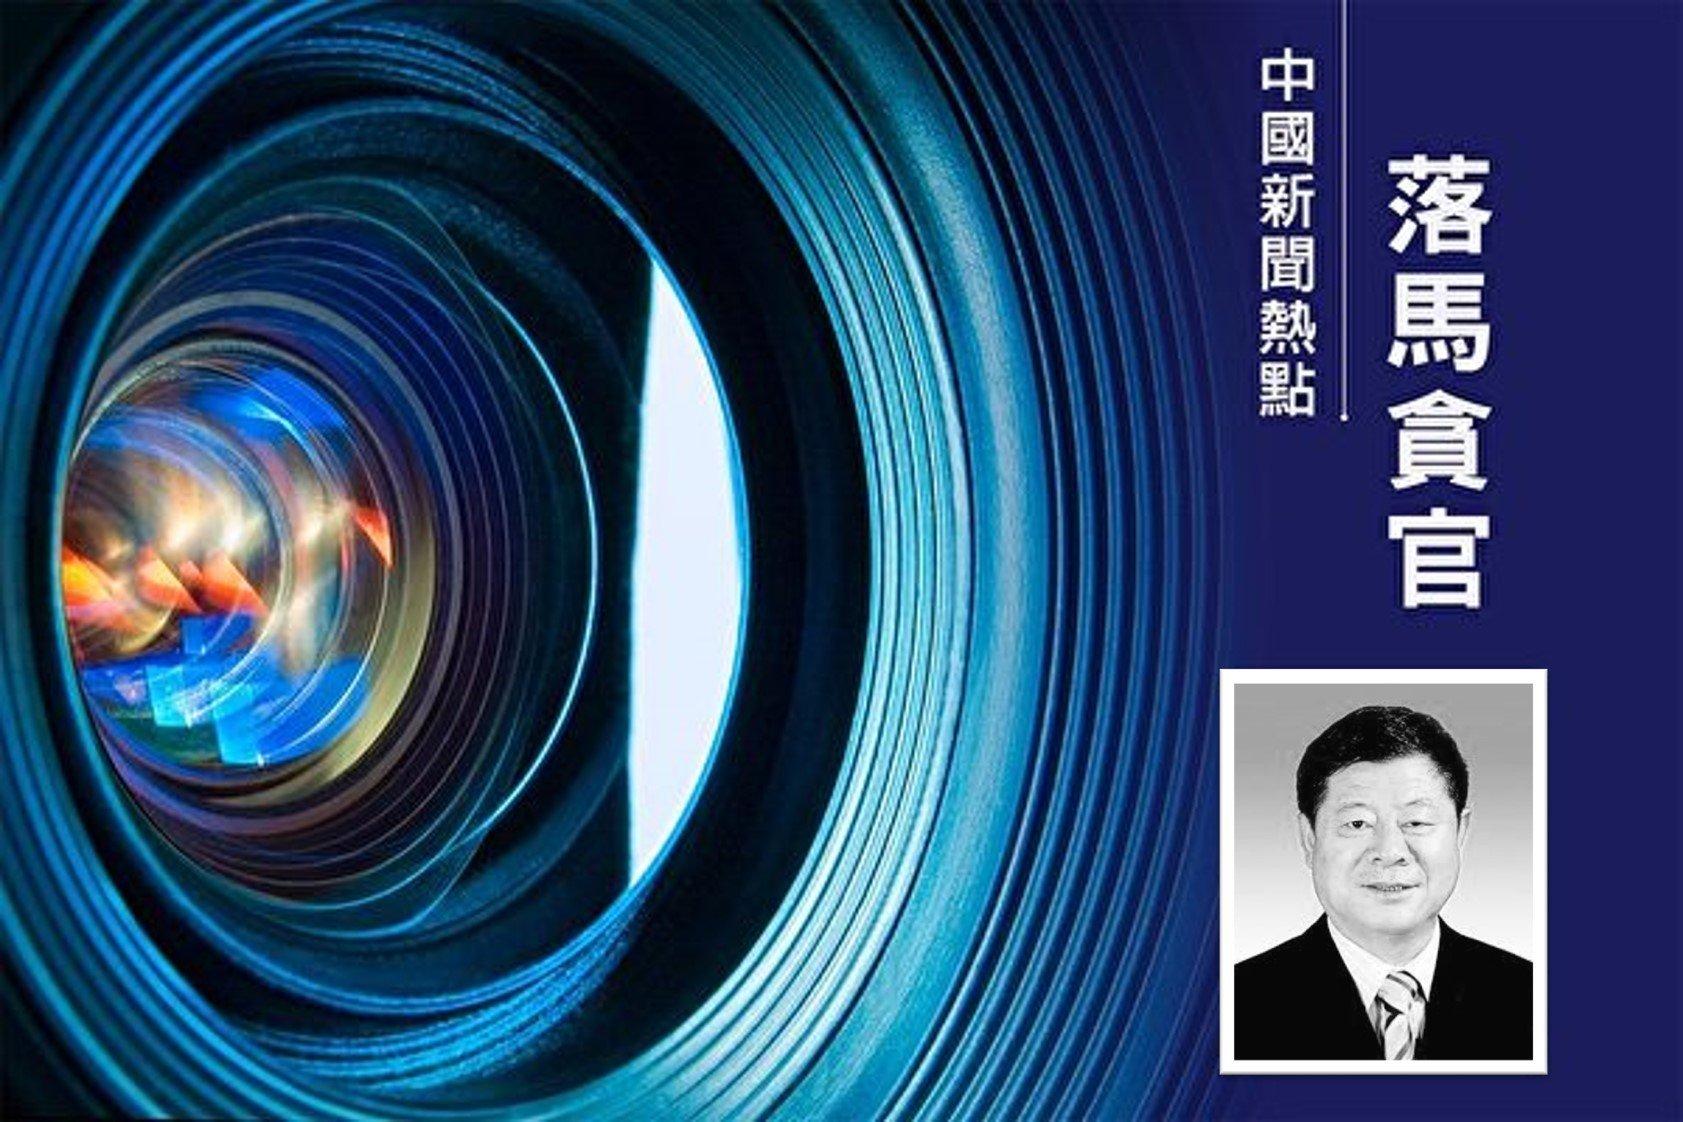 中共最高檢察院2021年10月13日宣布,對貴州政協原書記王富玉提起公訴。圖為王富玉。(大紀元合成圖片)